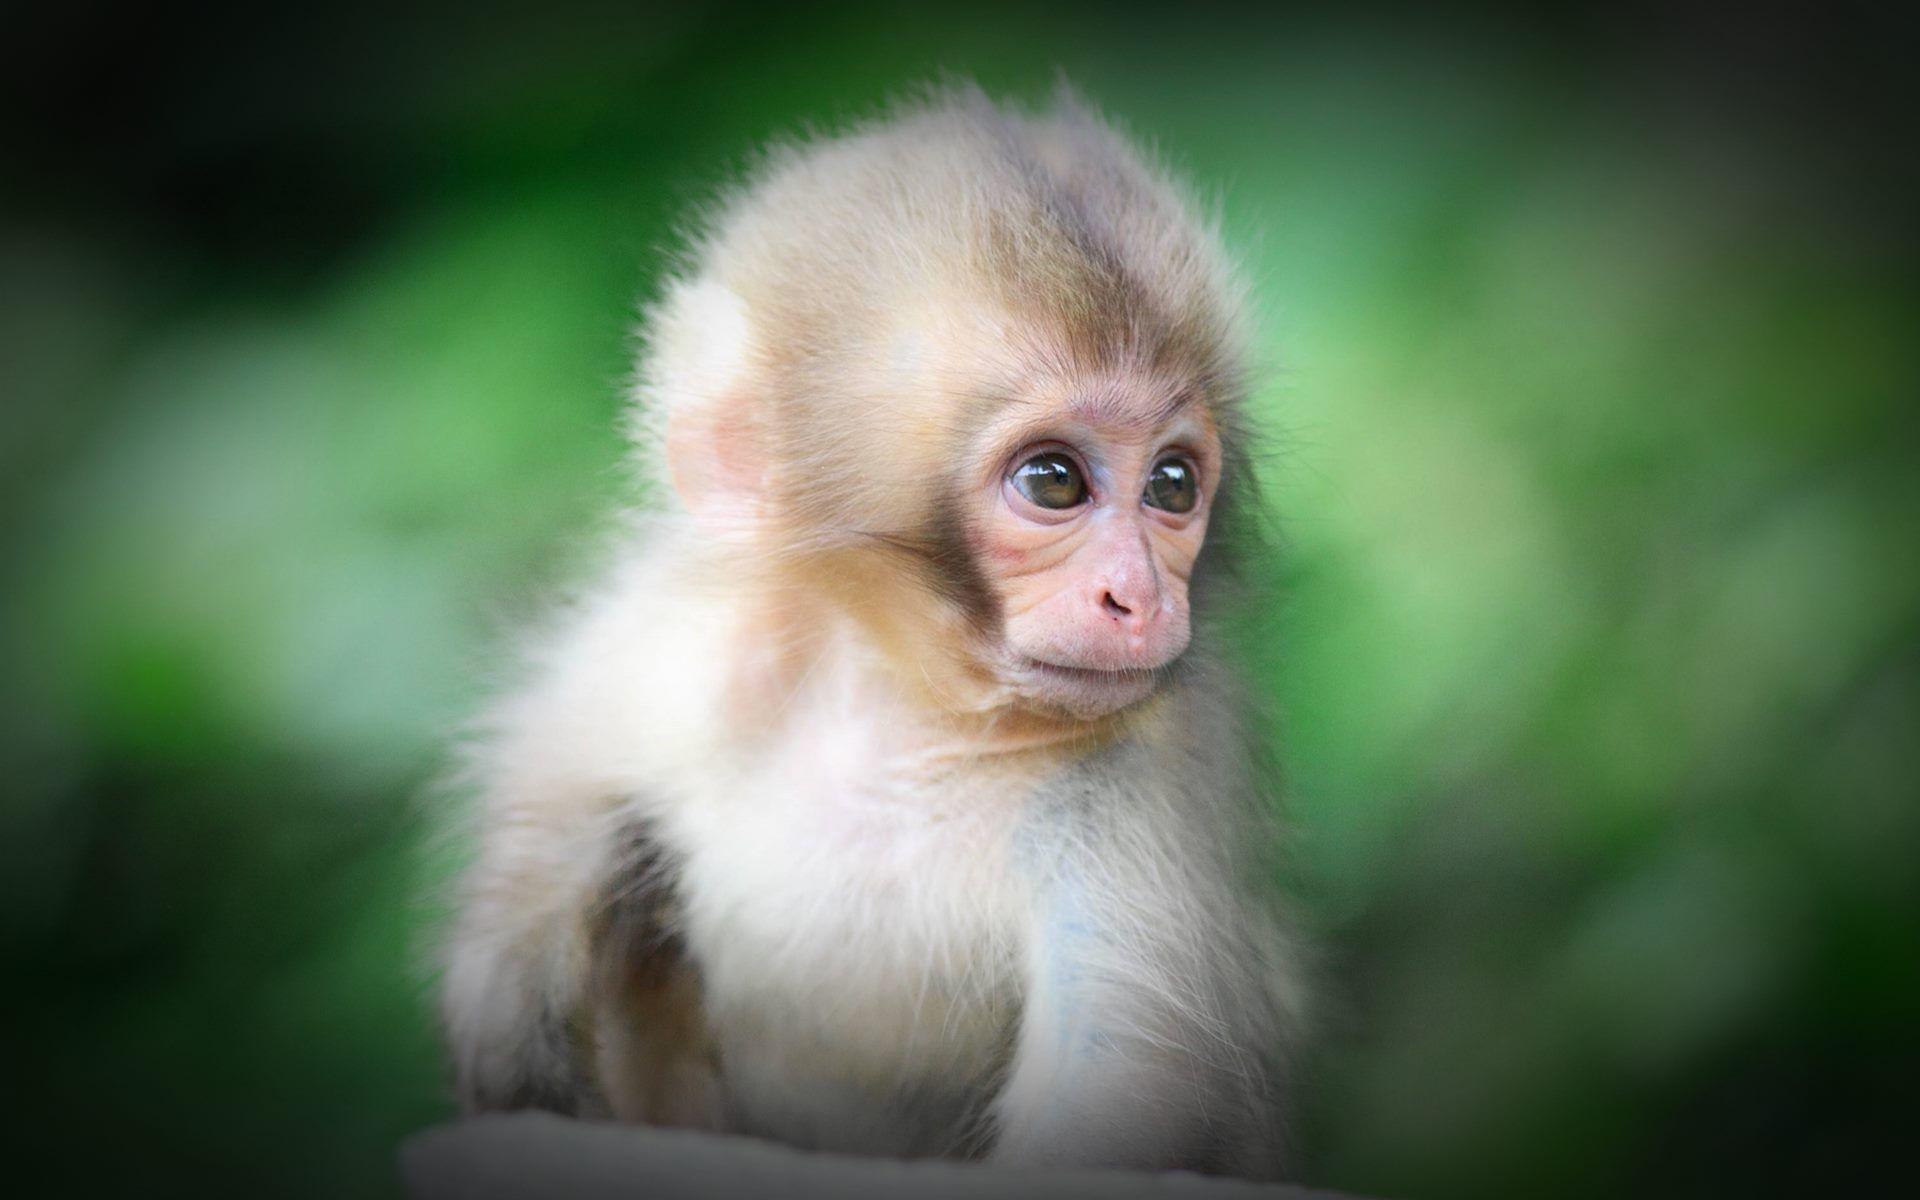 Cute Baby Monkey Wallpaper